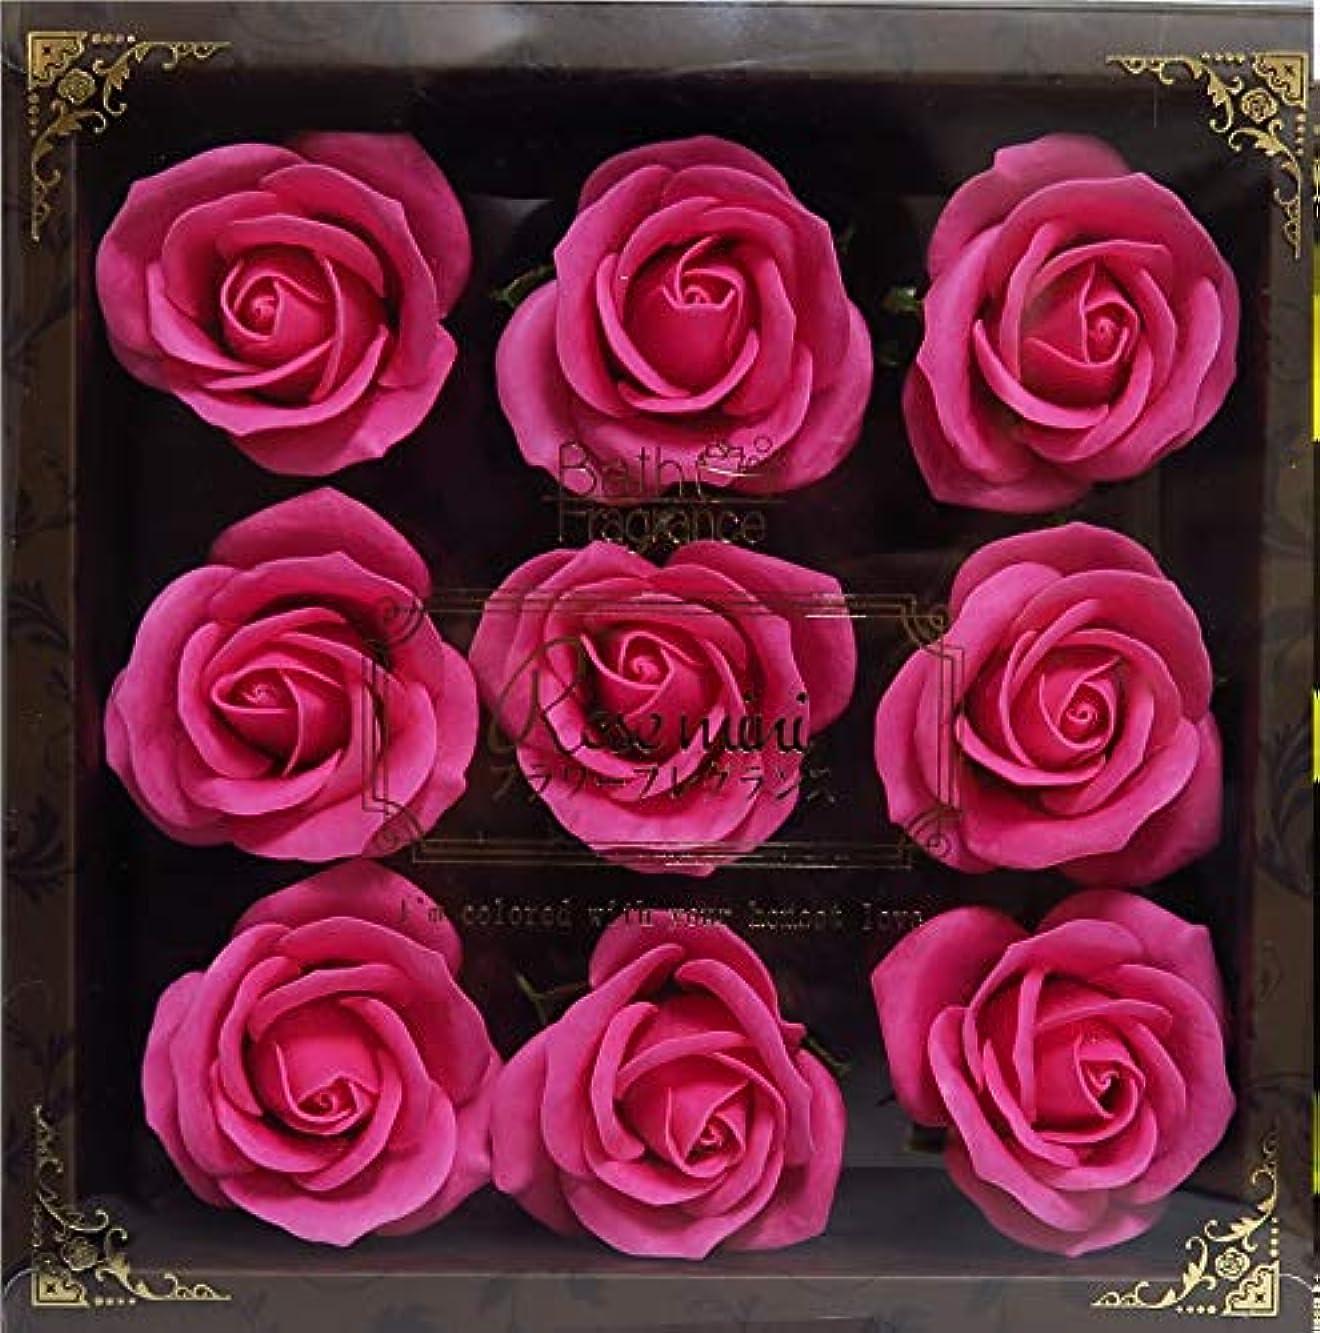 警察署四削除するバスフレグランス バスフラワー ミニローズフレグランス(L)ローズピンク お花の形の入浴剤